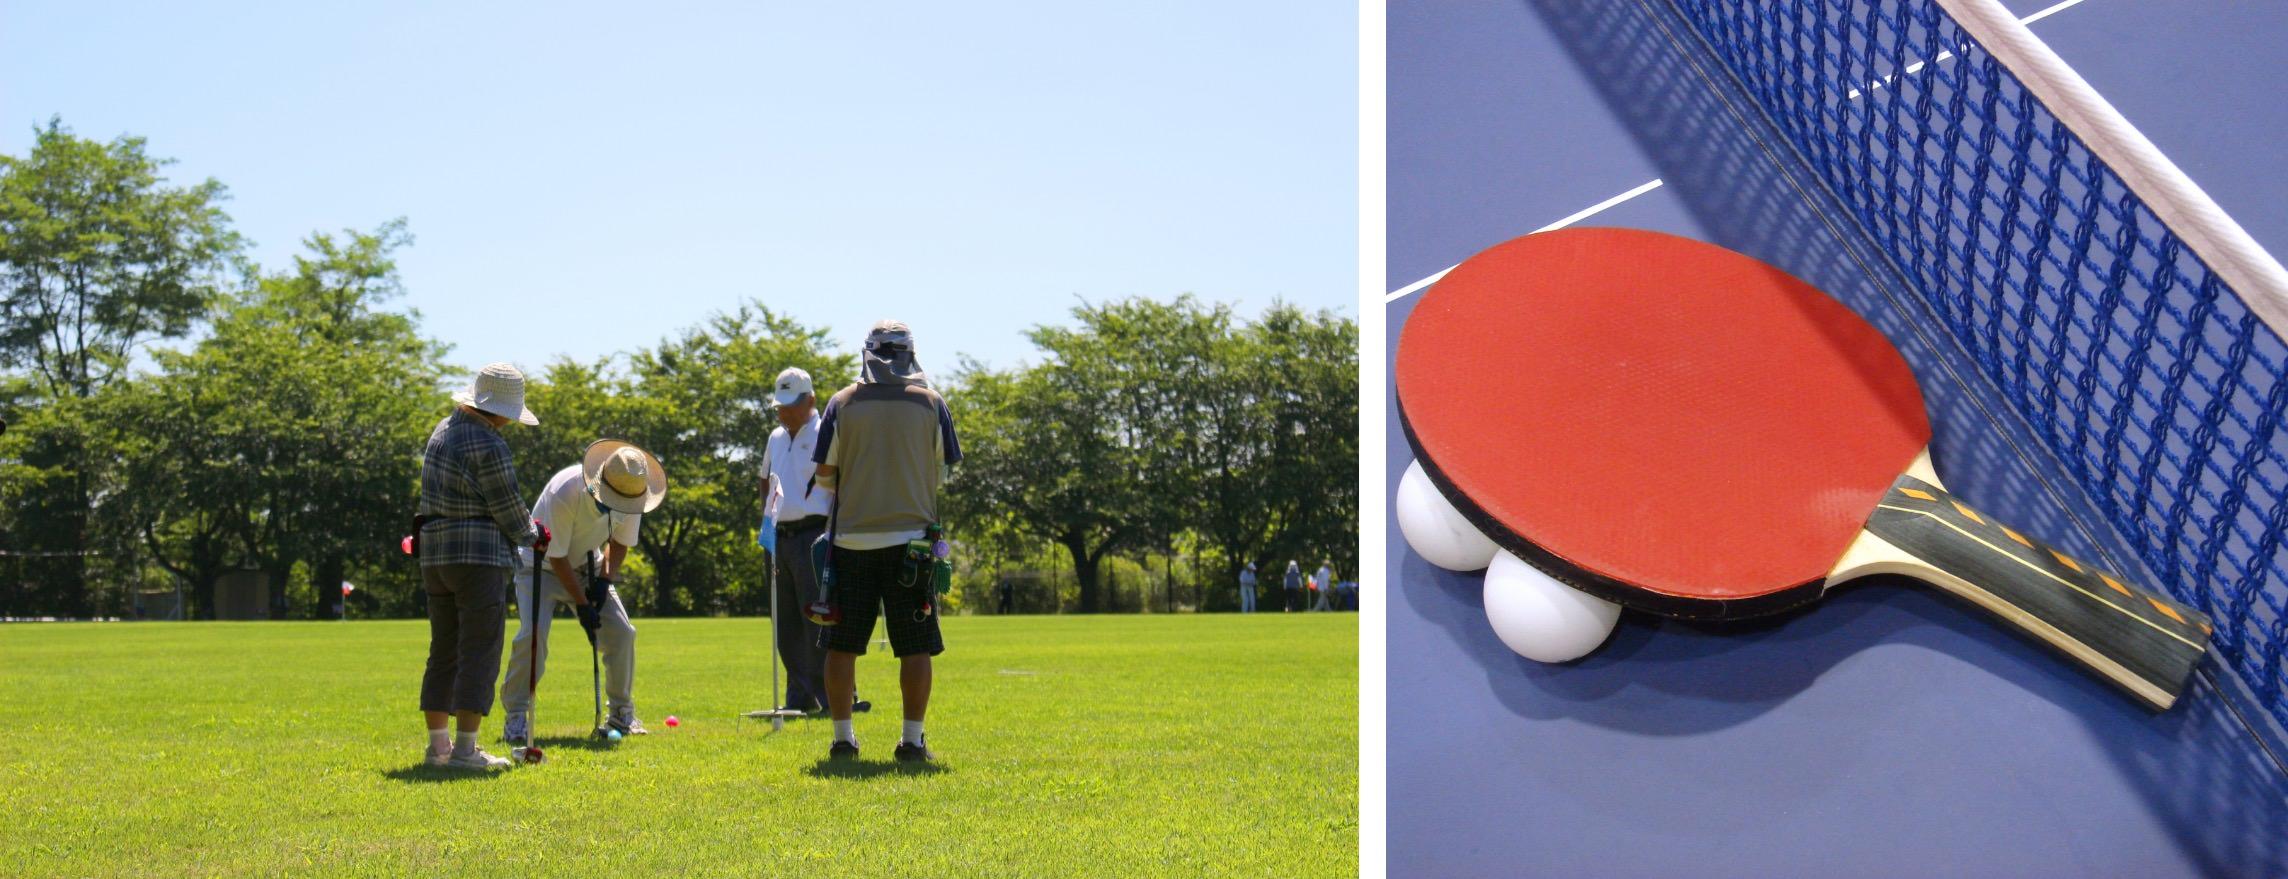 介護予防 健康体操教室・卓球クラブ・グラウンドゴルフ